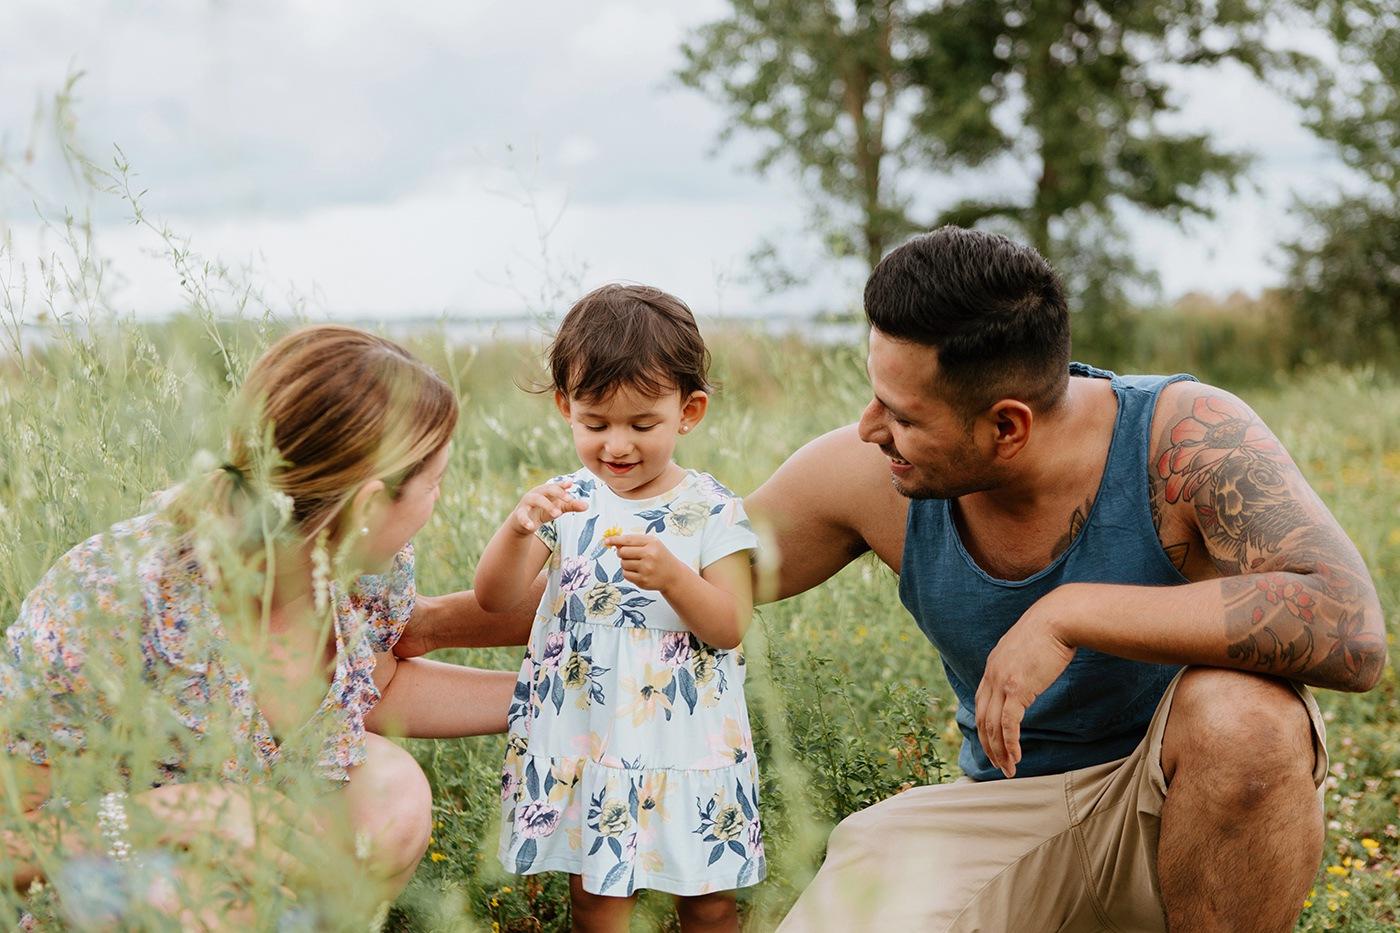 Photographe de famille à Montréal. Photographe lifestyle à Montréal. Photos de famille à l'extérieur à Montréal. Montreal family photographer. Montreal outdoor family photos.